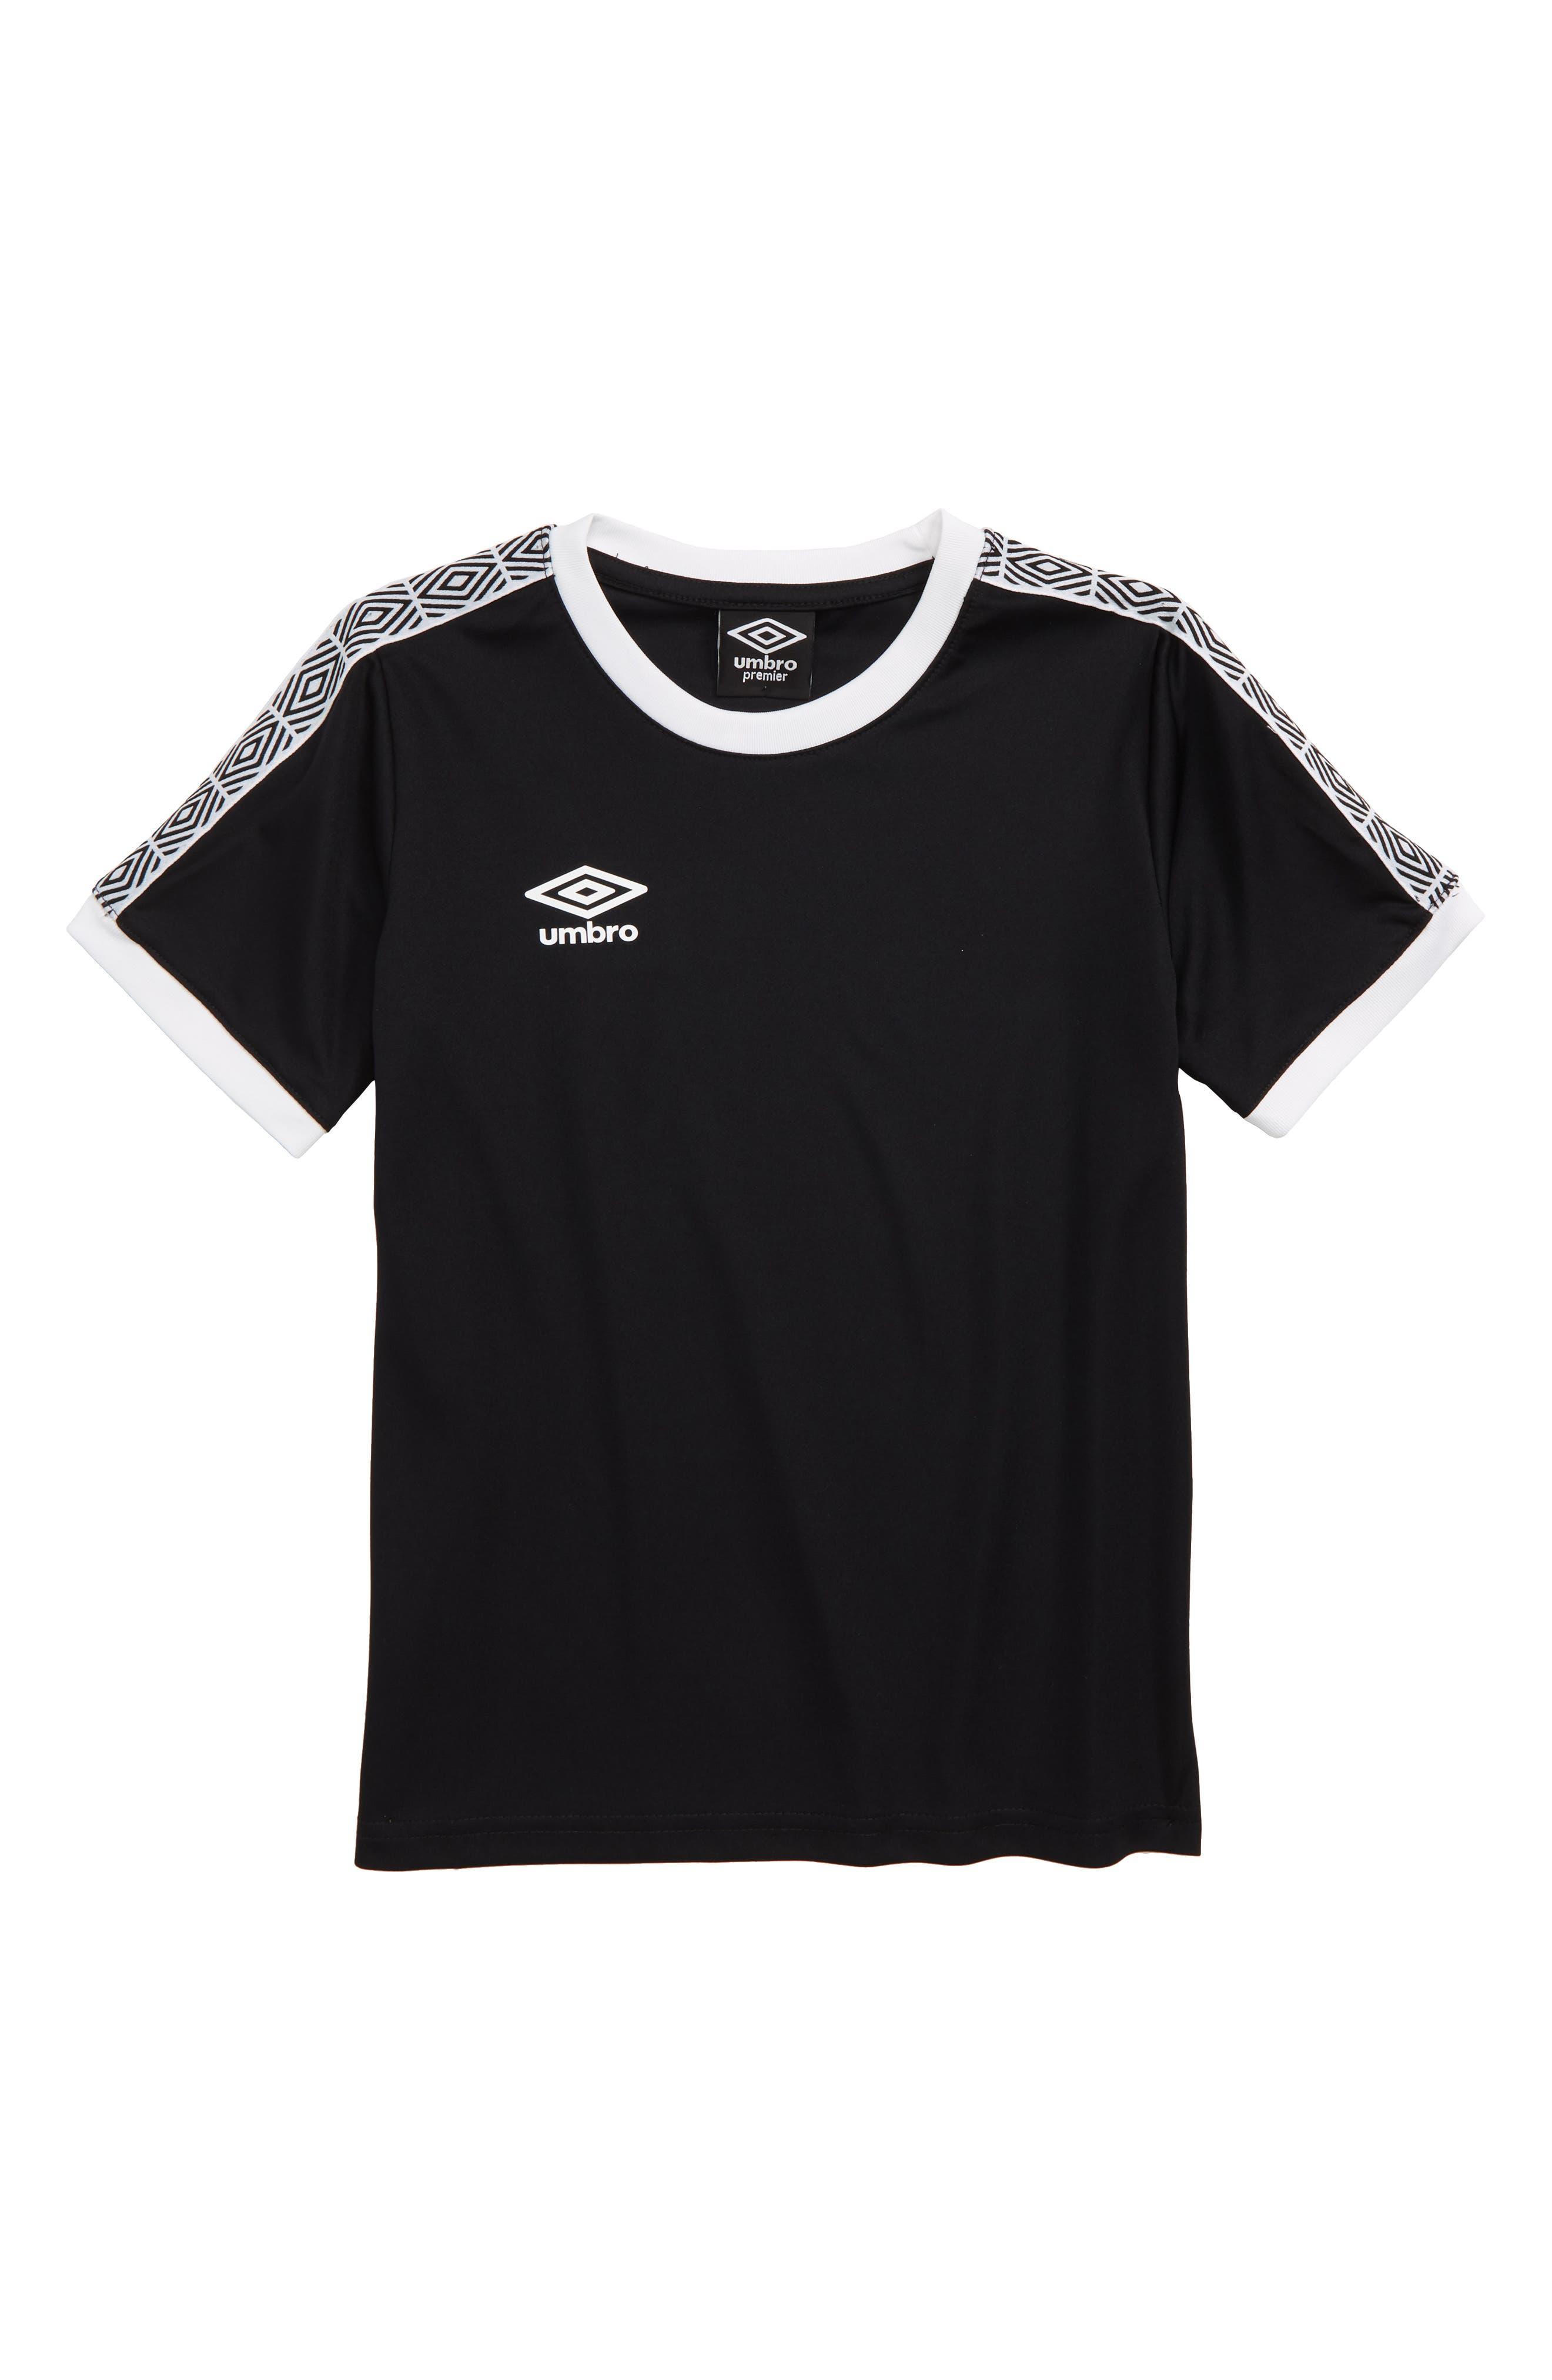 UMBRO, Diamond Logo Tape T-Shirt, Main thumbnail 1, color, BLACK/ WHITE